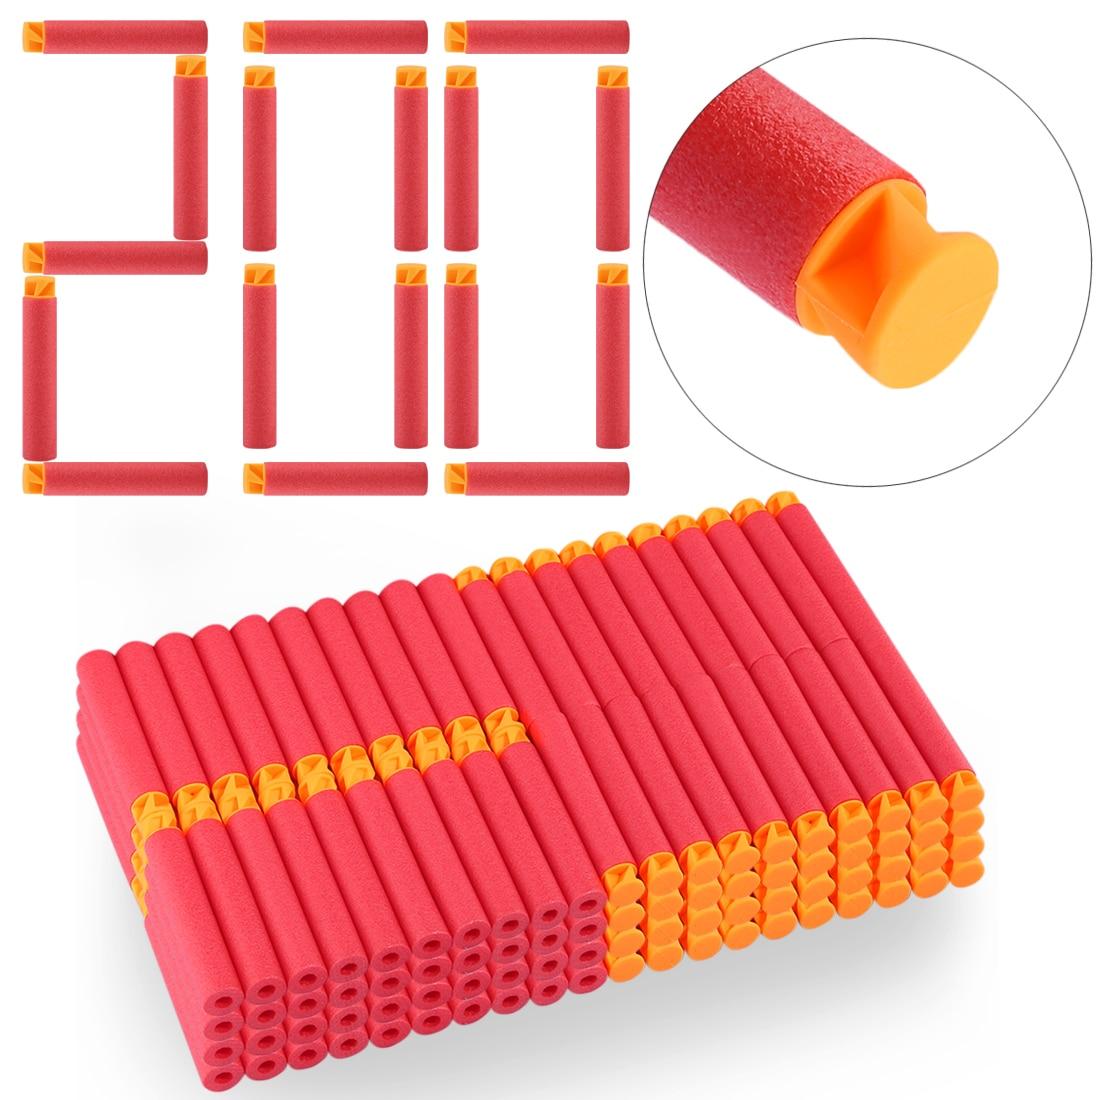 200 pçs para nerf balas macio cabeça plana 7.2cm recarga dardos brinquedo balas para nerf série blasters crianças do miúdo presentes de natal